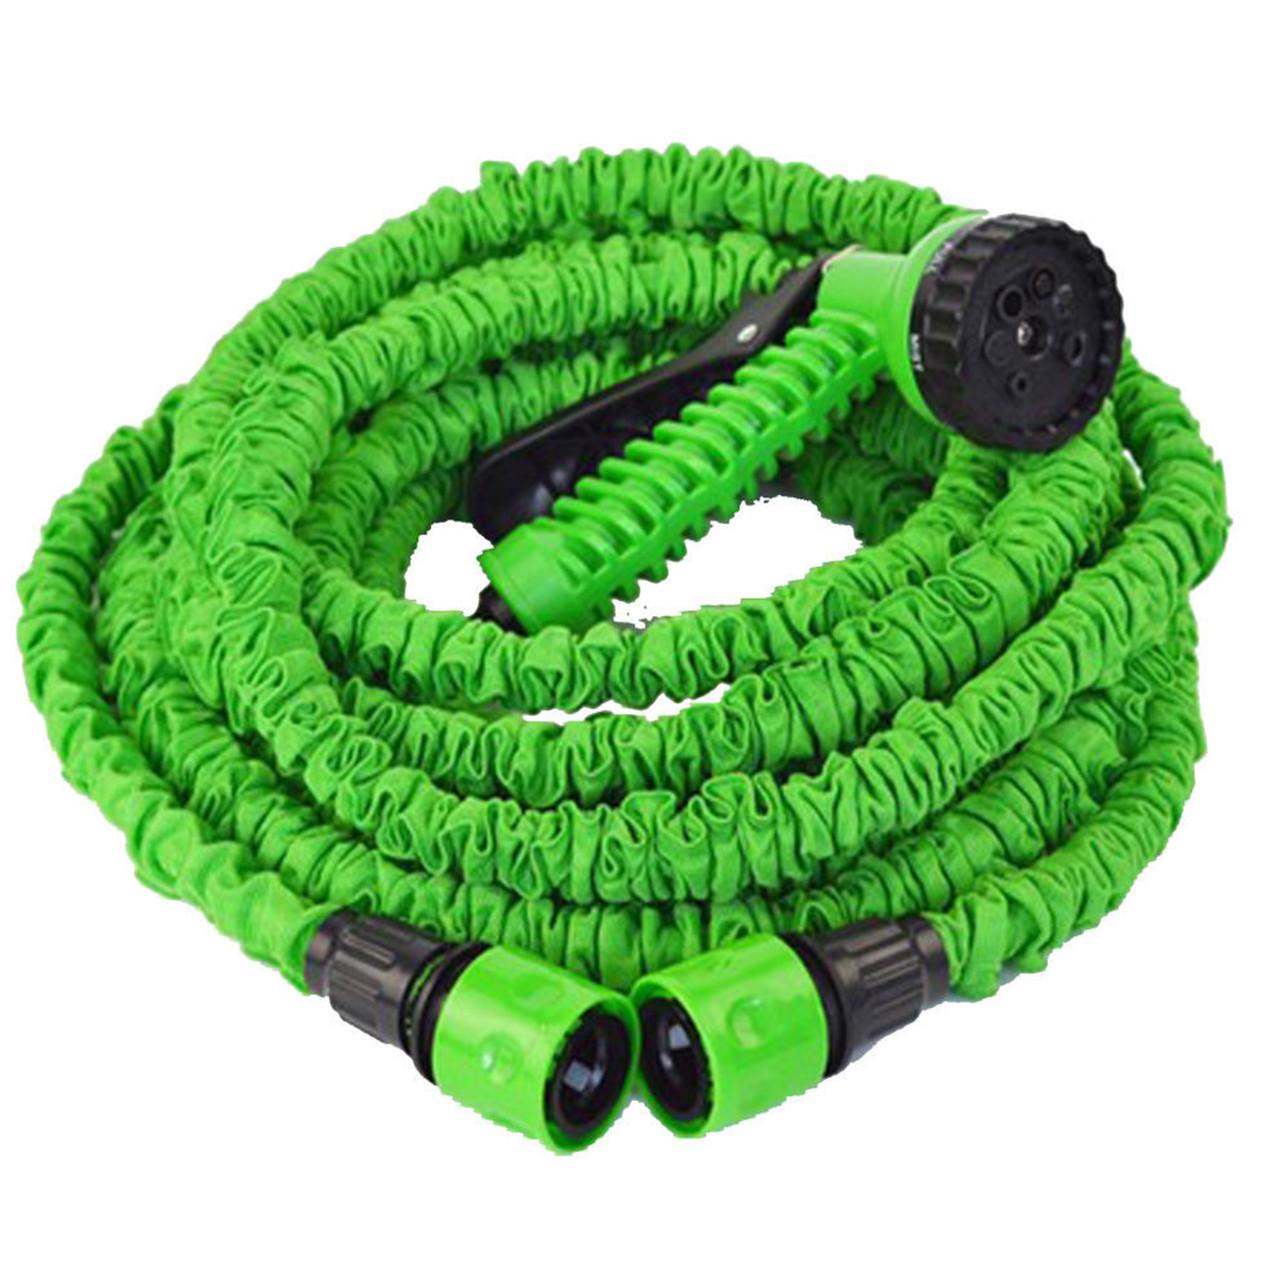 Шланг для полива растяжной Хhose 45 м Зеленый